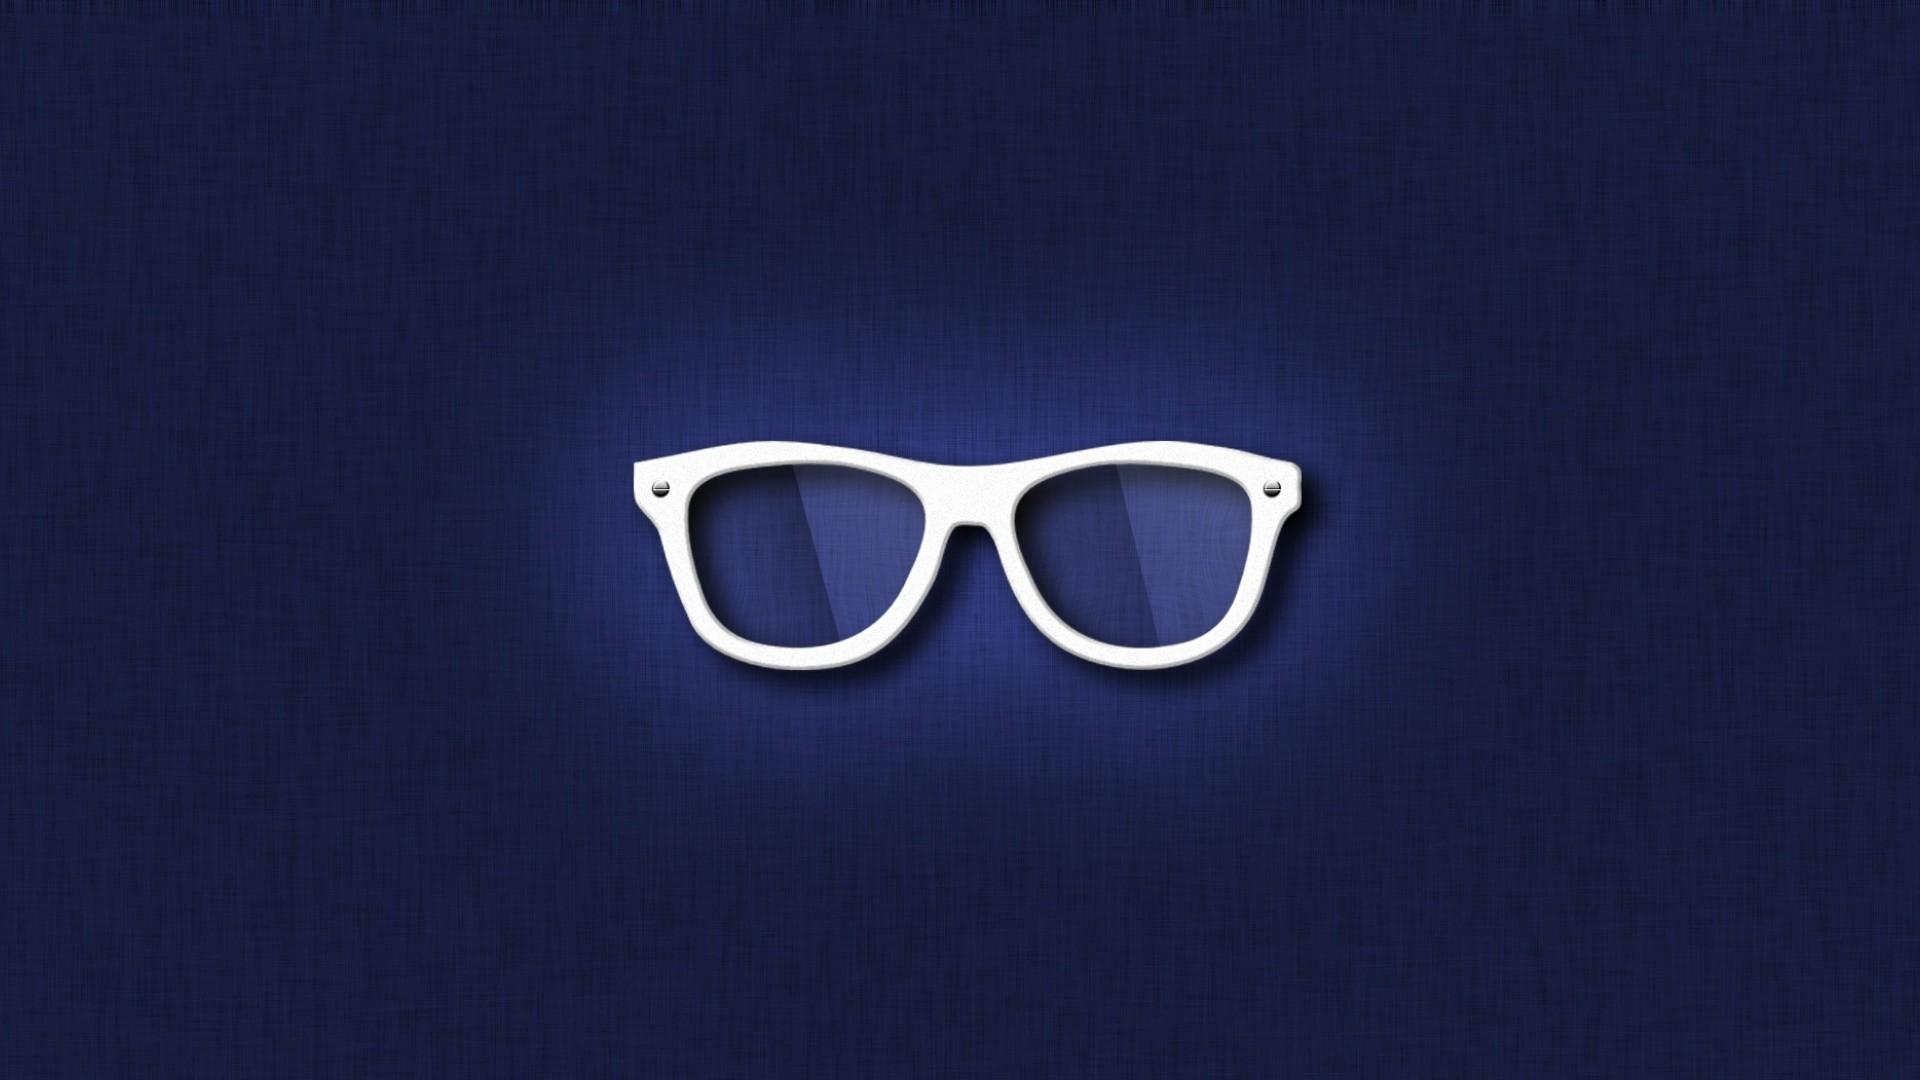 Anime Cellphone Wallpaper Glasses Wallpaper Hd Pixelstalk Net